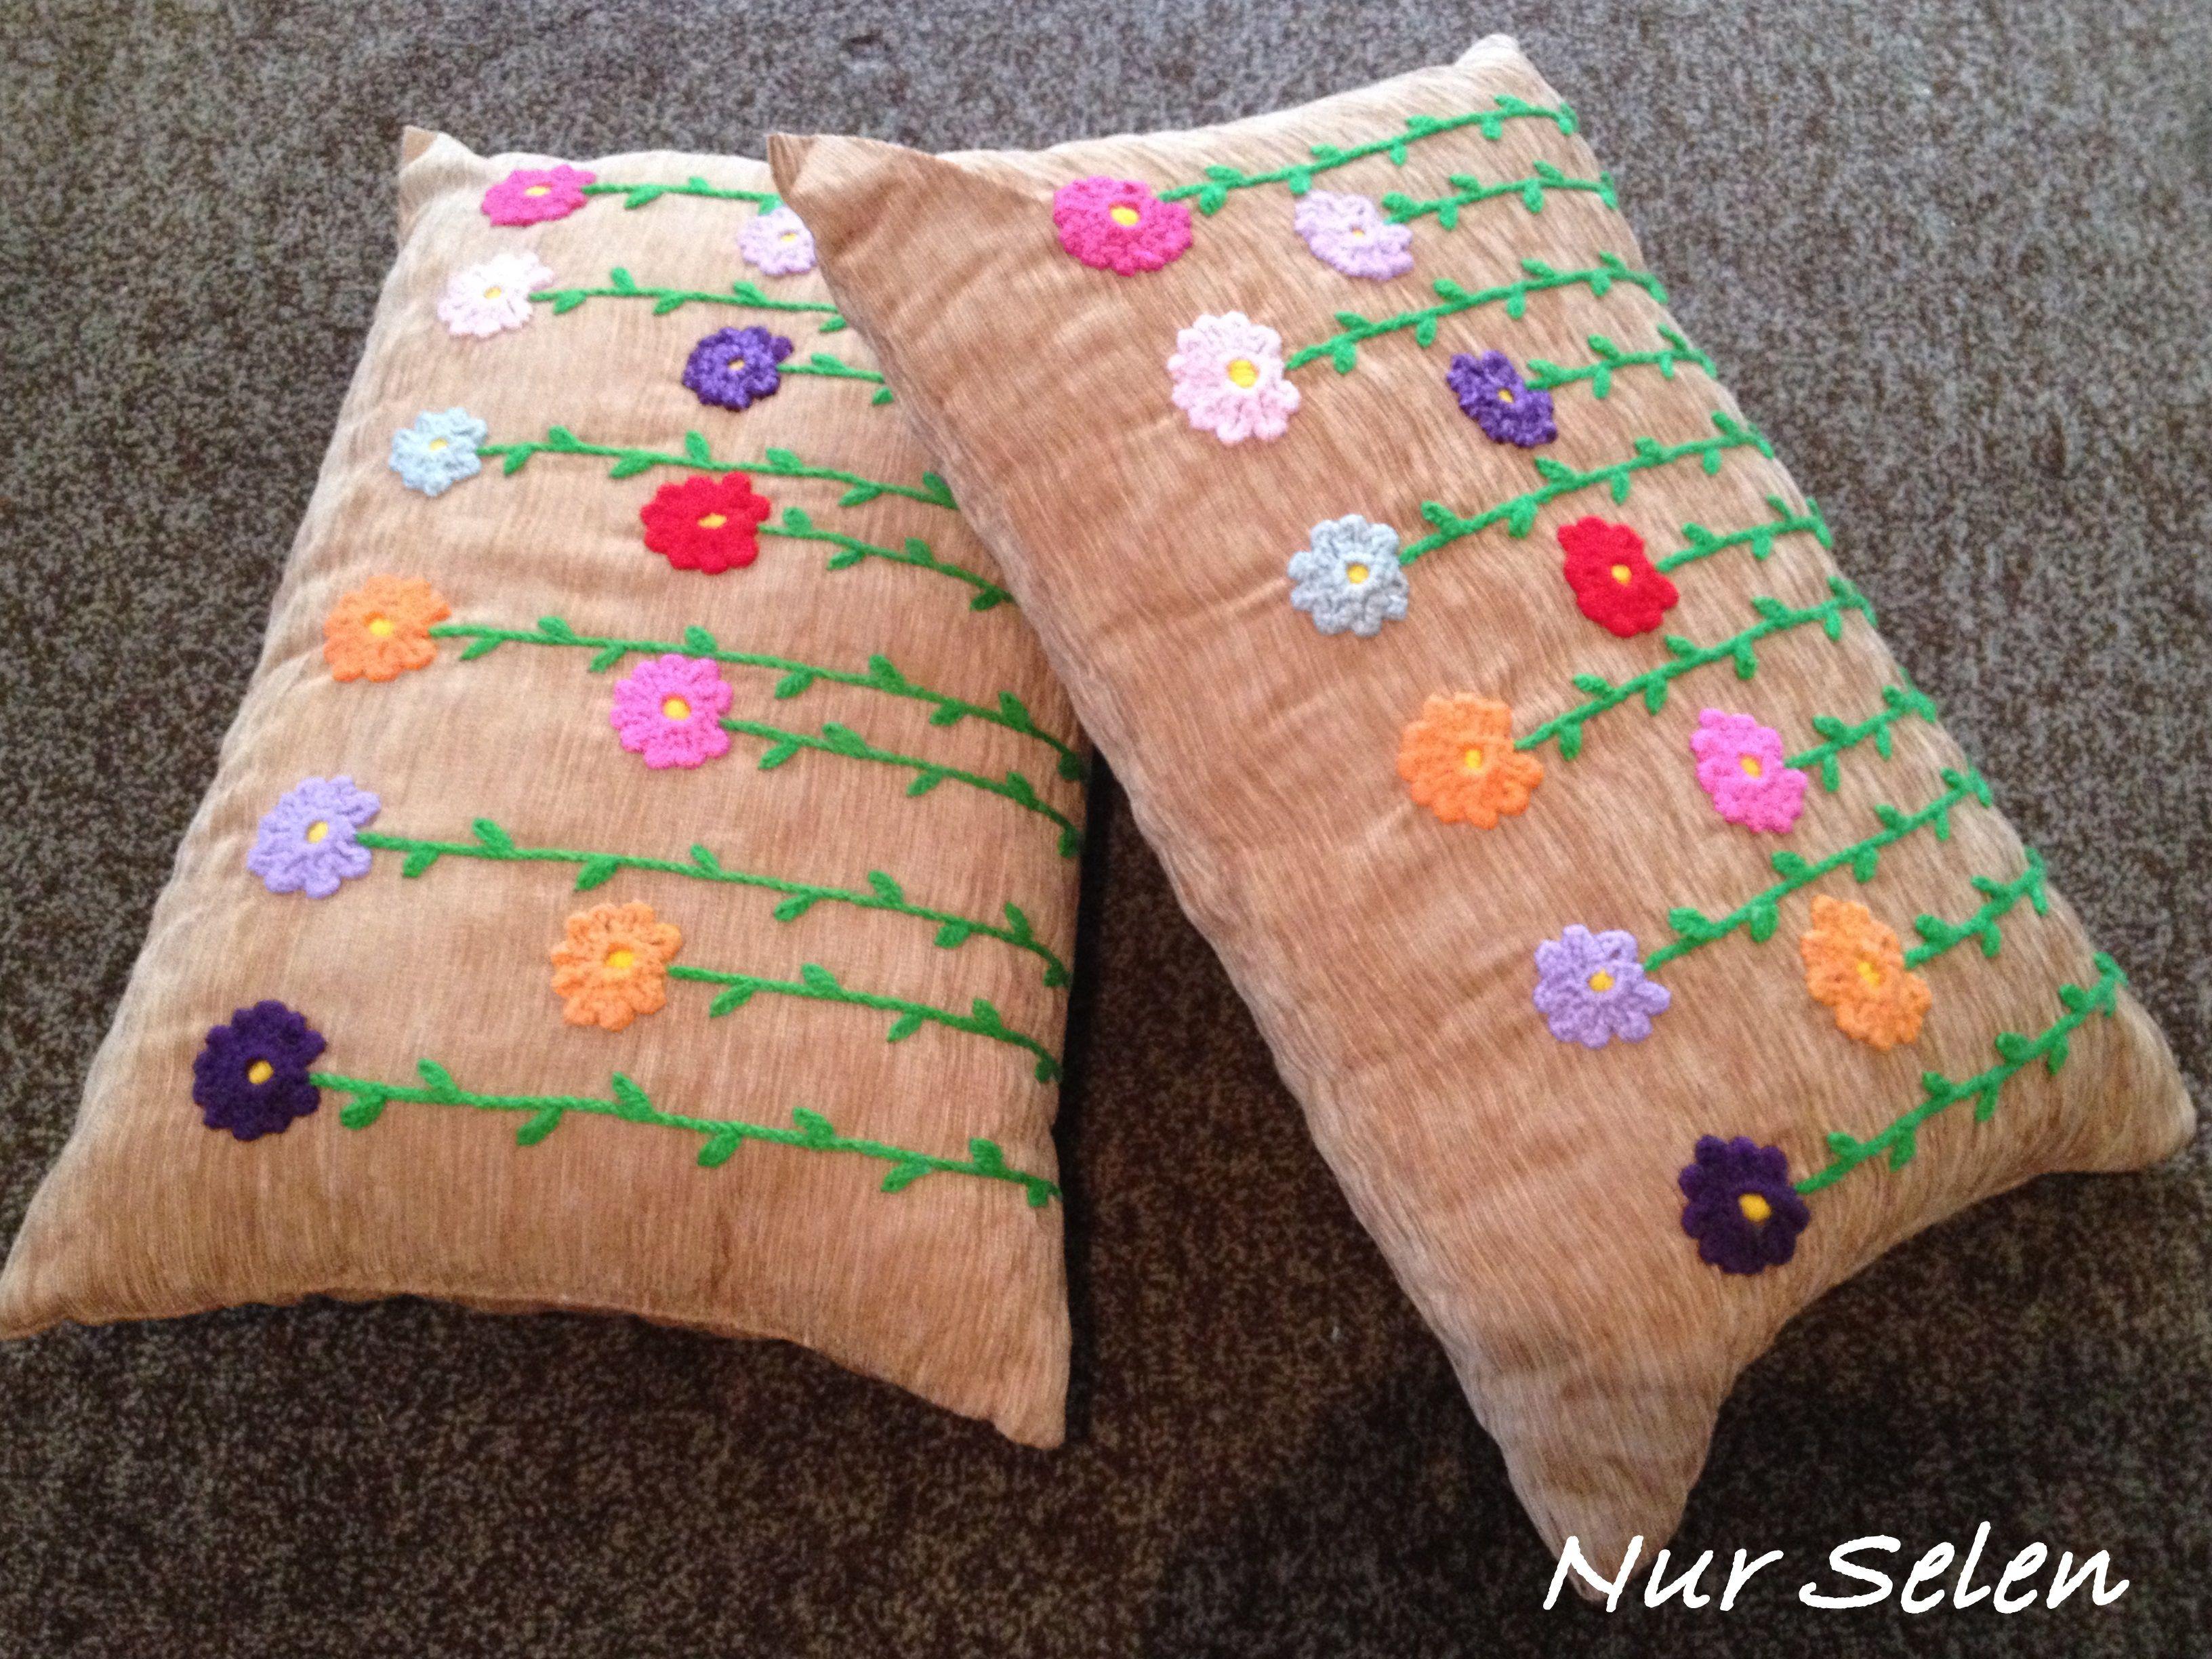 İşlemeli Yastıklar_Nur Selen Tığ işleri, Yastıklar, Çiçek